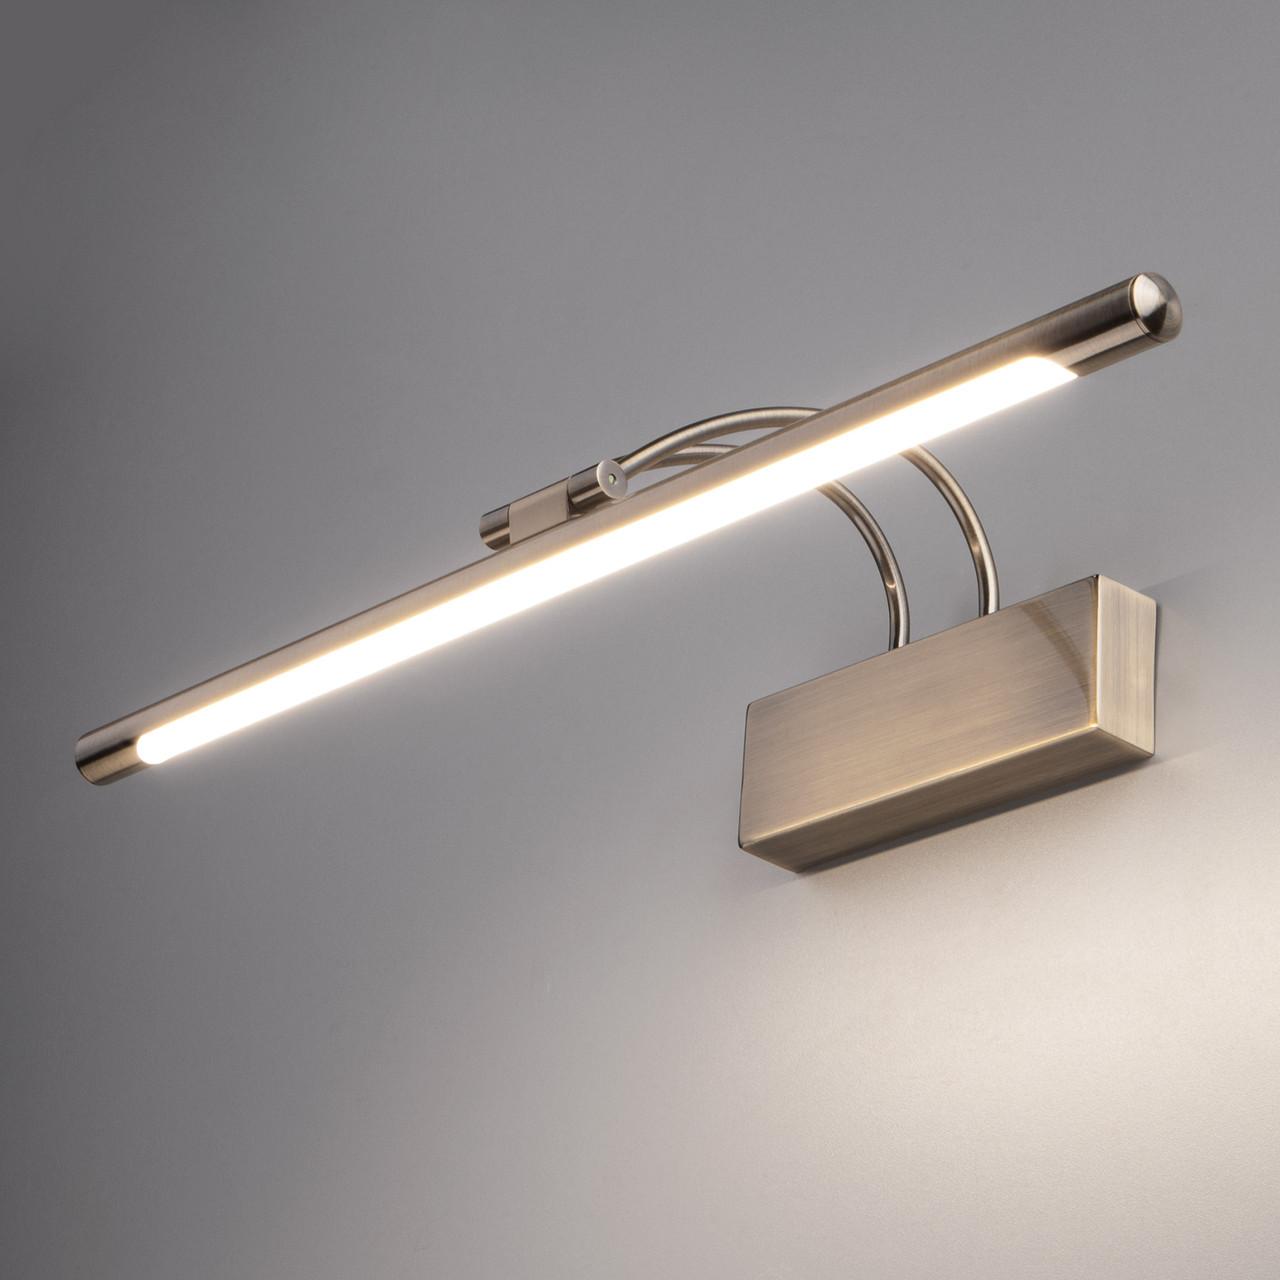 MRL LED 10W 1011 IP20 /Светильник настенный светодиодный Simple LED бронза